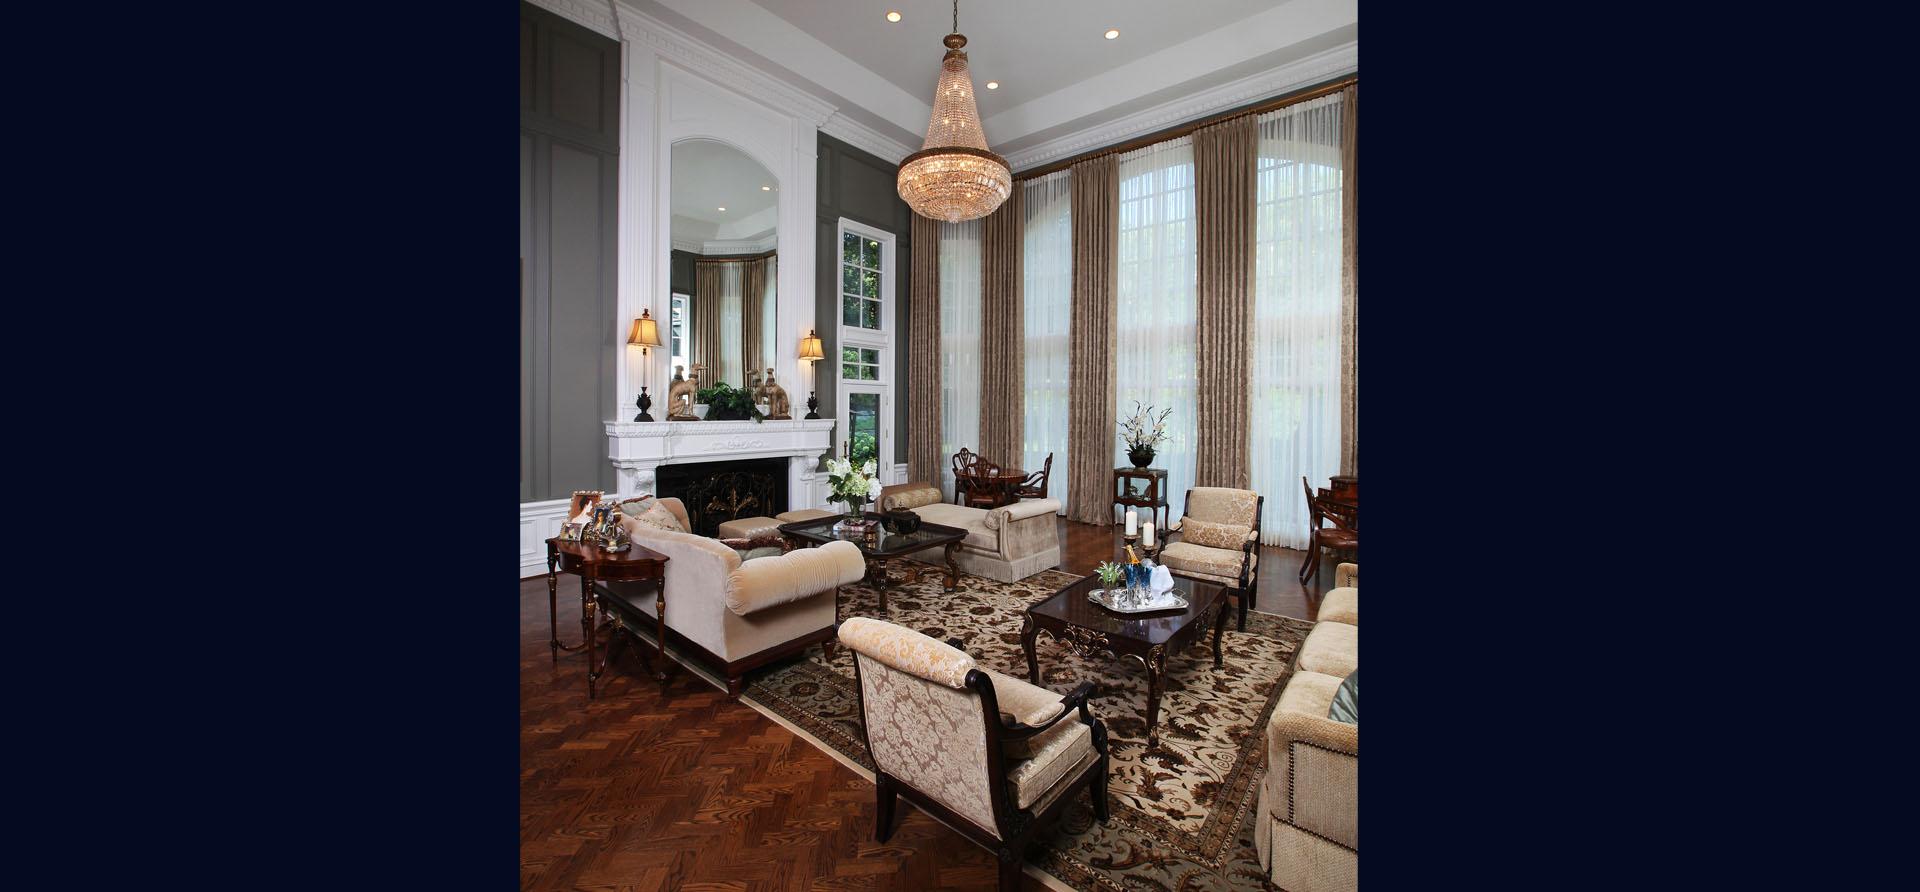 Birmingham Design Studio Fine Furniture and Interior Design